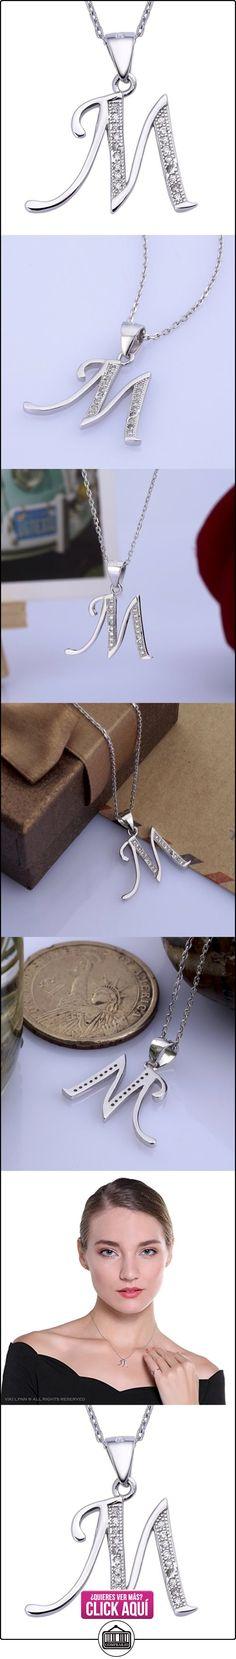 Collar inicial con colgante letra M y zircon 925 plata de ley regalo para mujeres VIKI LYNN  ✿ Joyas para mujer - Las mejores ofertas ✿ ▬► Ver oferta: https://comprar.io/goto/B00FDTRYNO